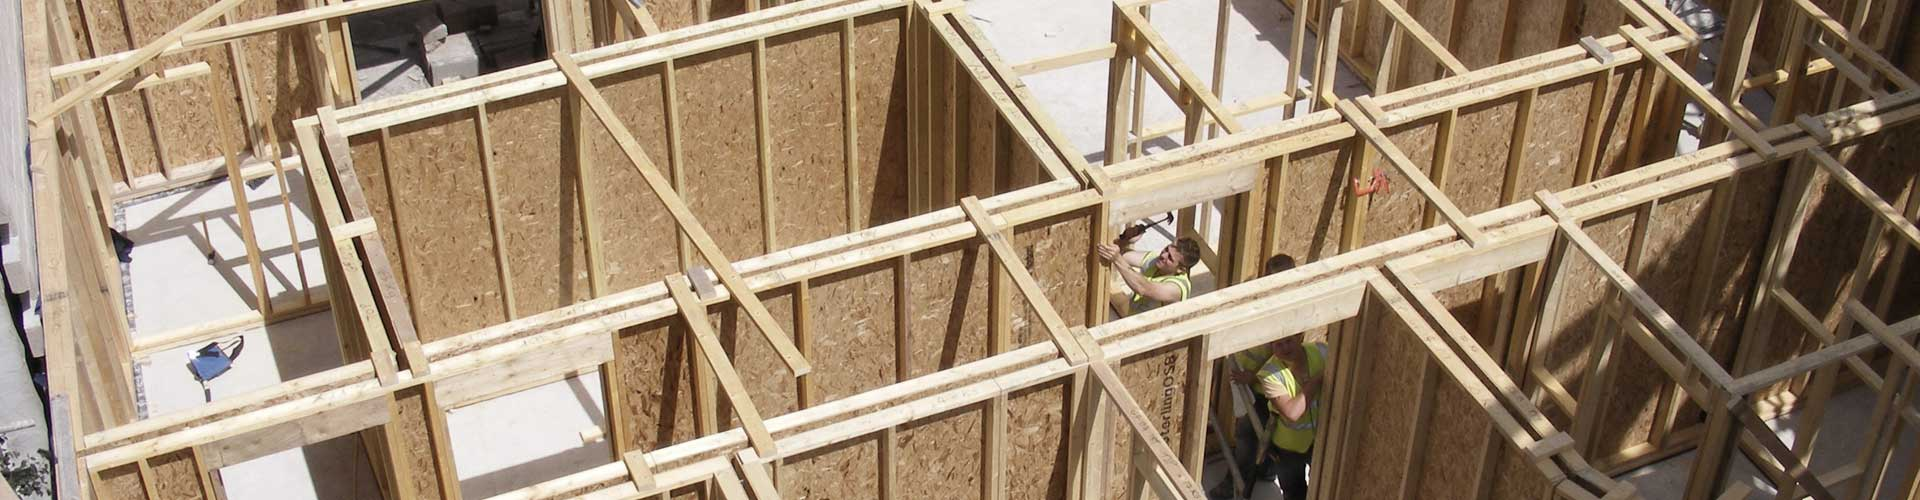 Timber Frame - DJR Roof Trusses Ltd